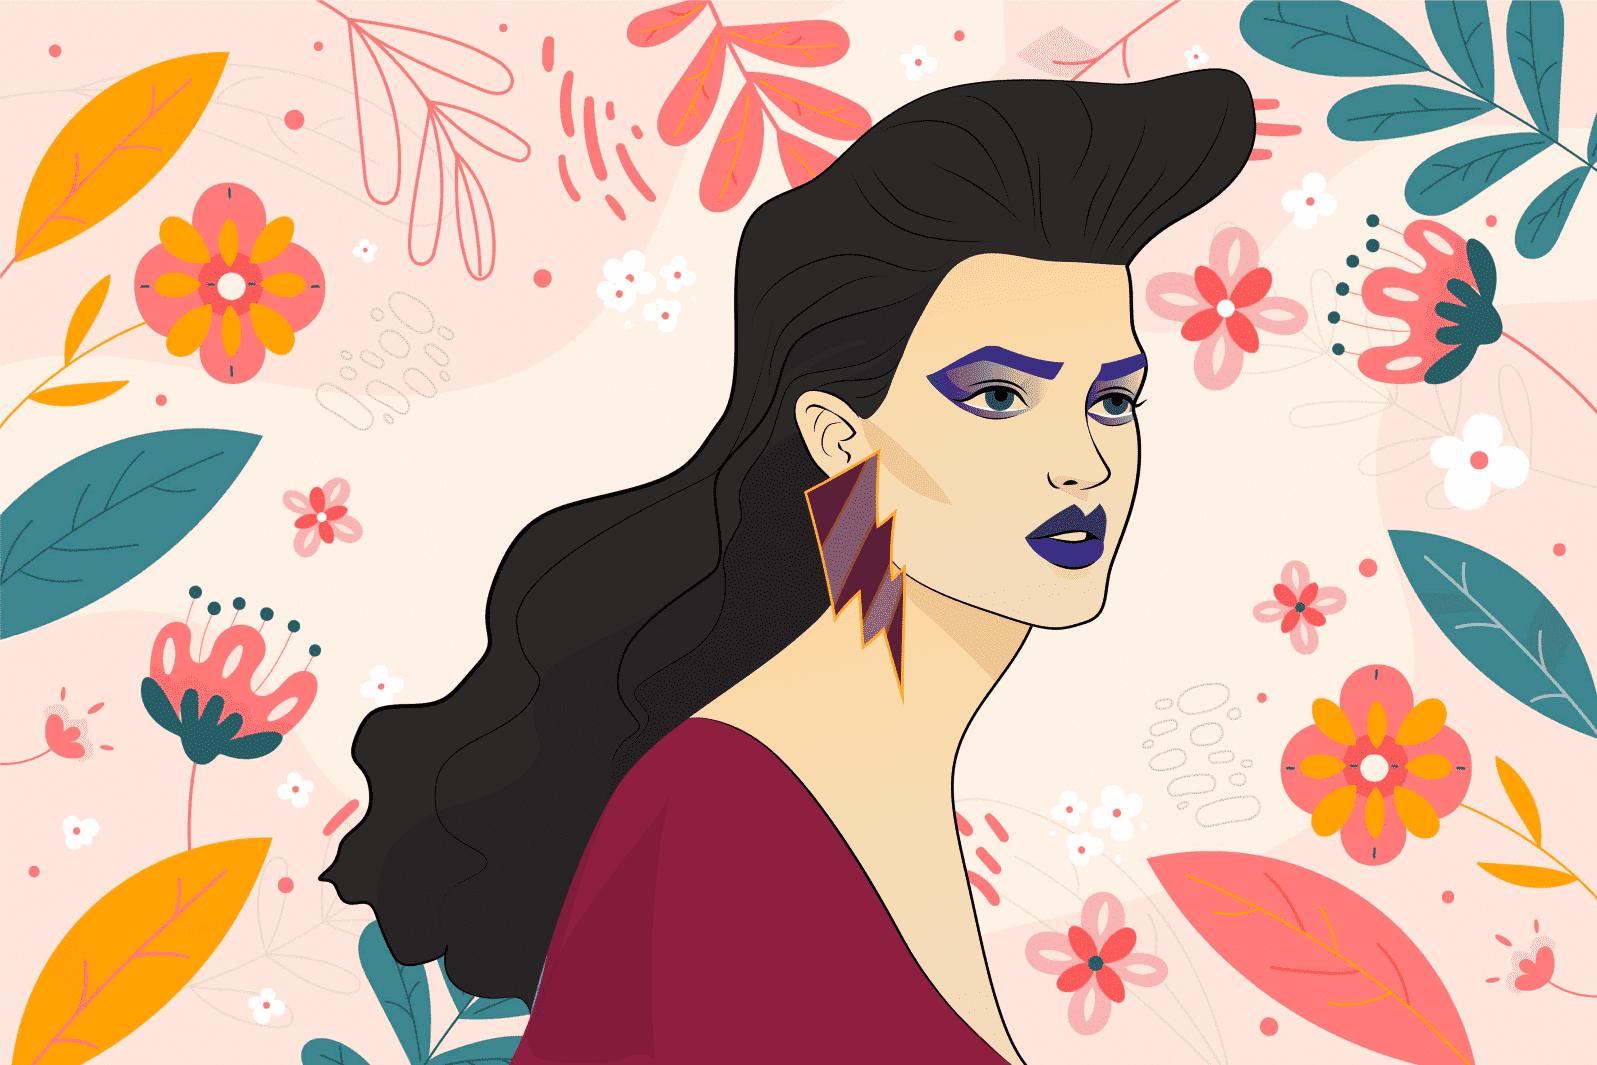 Бьюти-прогноз от Cоlady: визажист и дизайнер представили макияж будущего